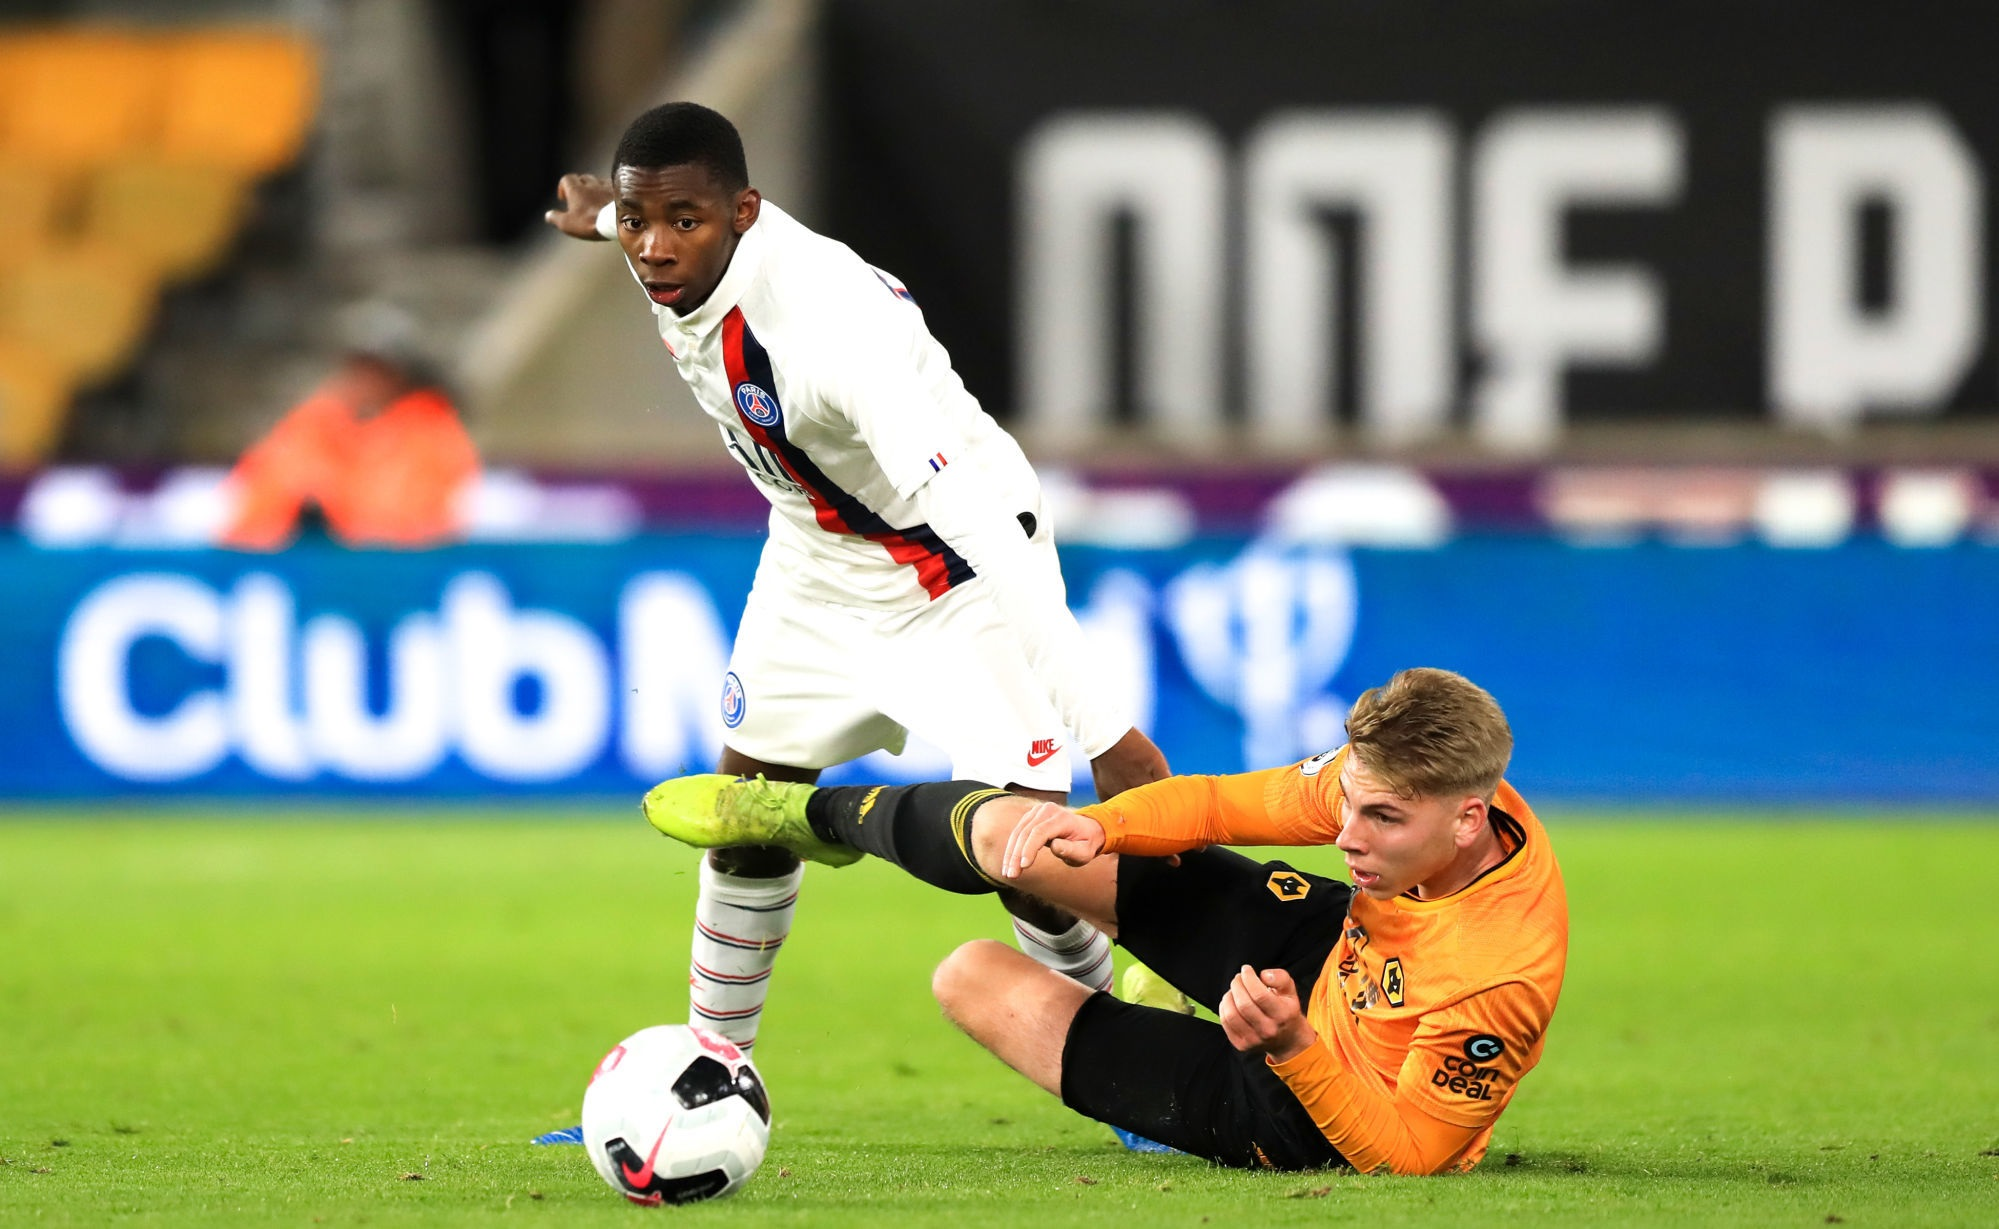 Officiel - Jonathan Mutombo signe son premier contrat professionnel au PSG